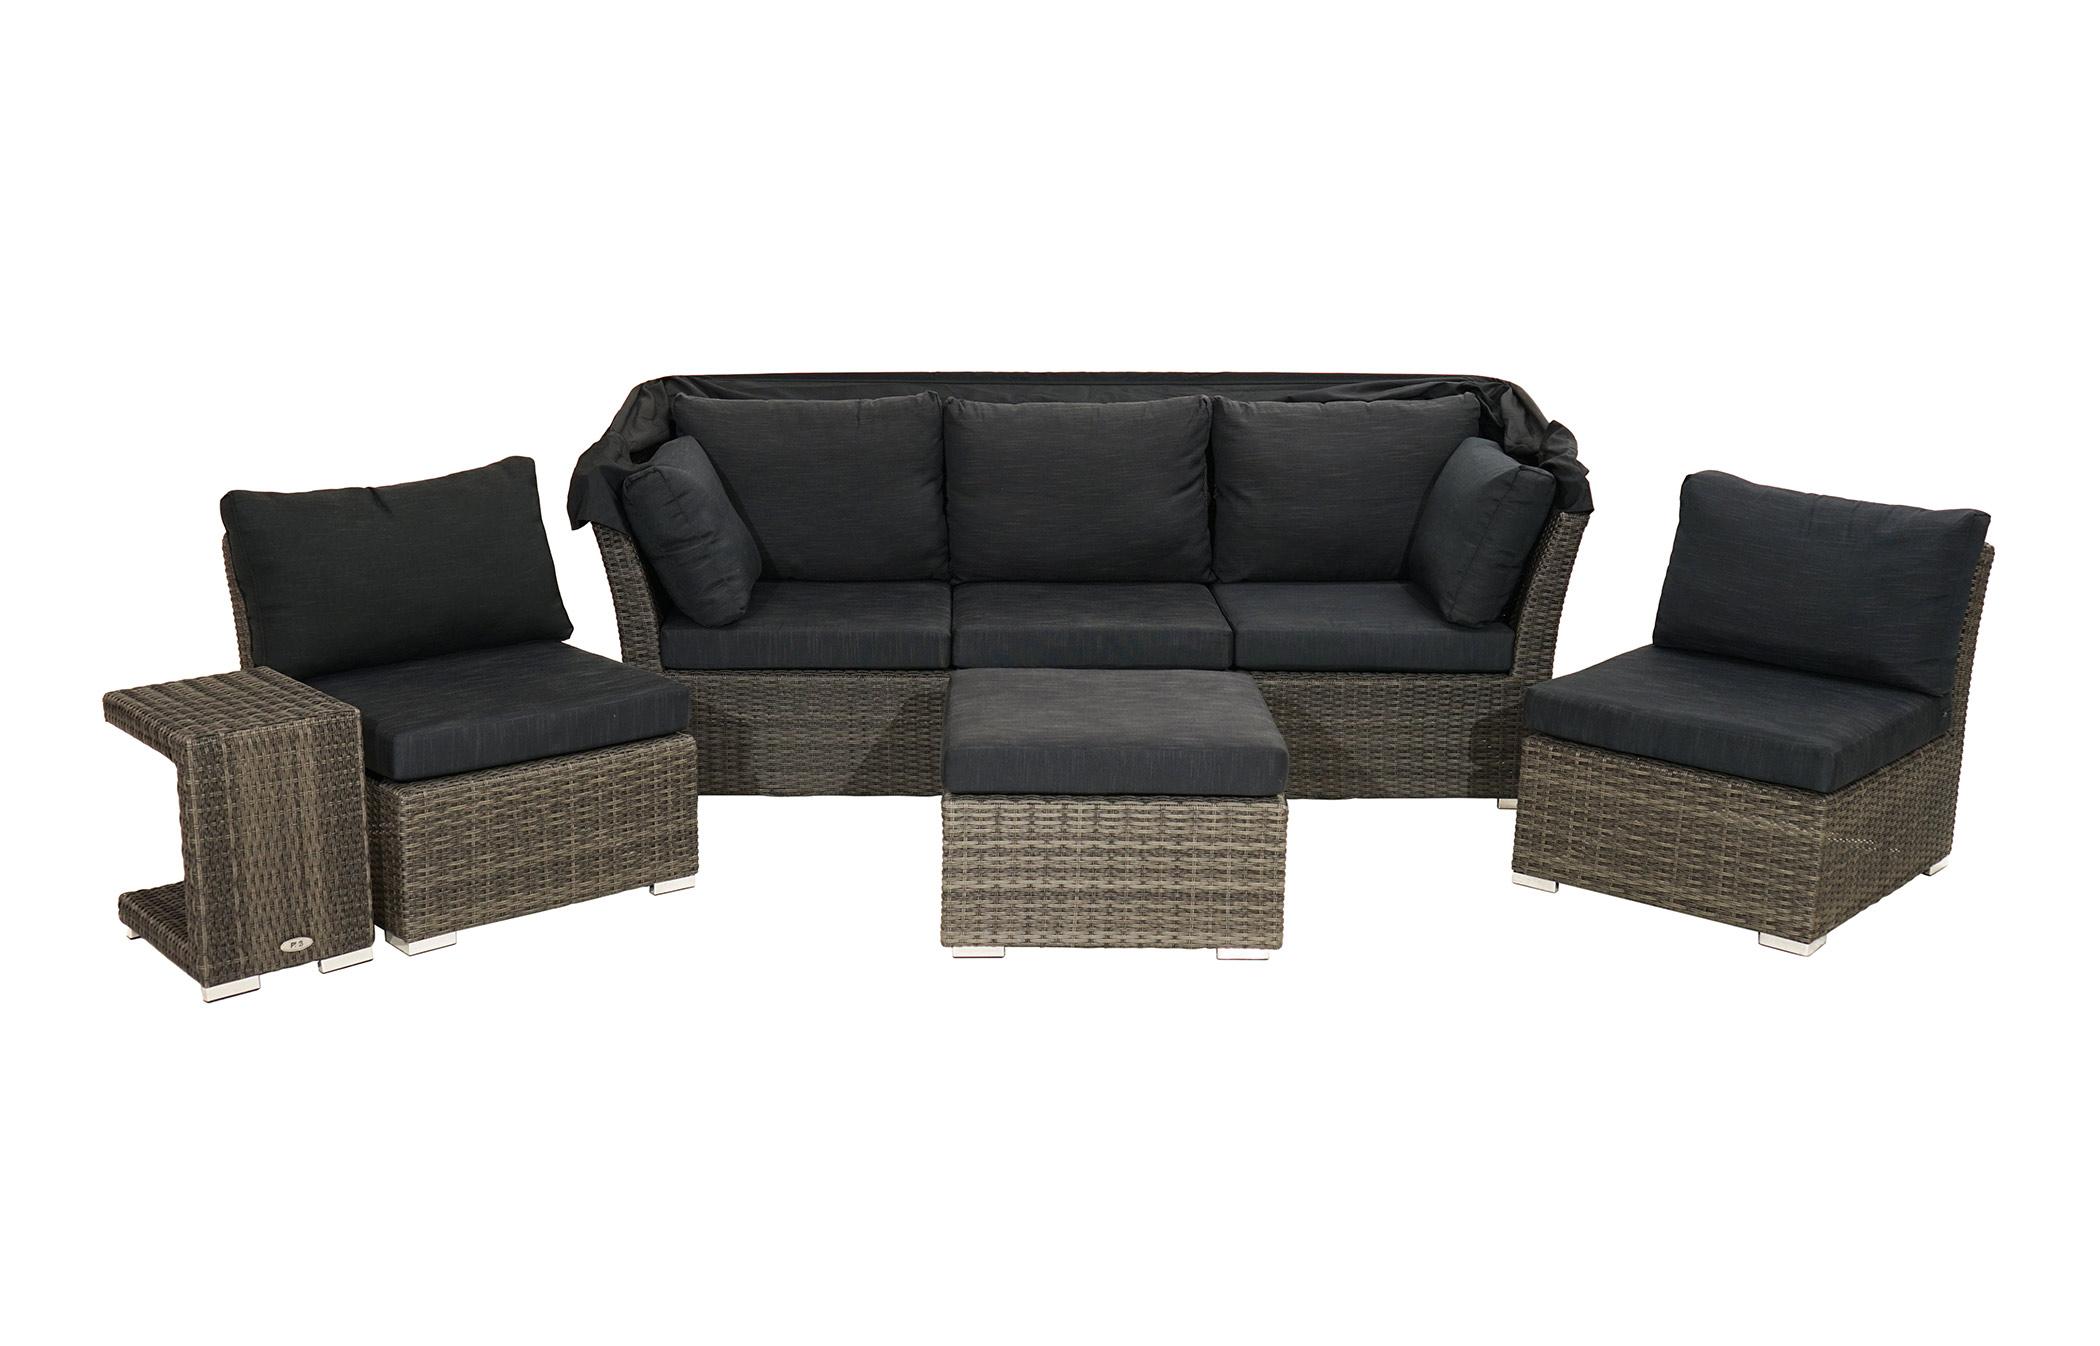 loungeset rocking polyrattangeflecht loungem bel gartenm bel gardanio ihr online shop. Black Bedroom Furniture Sets. Home Design Ideas